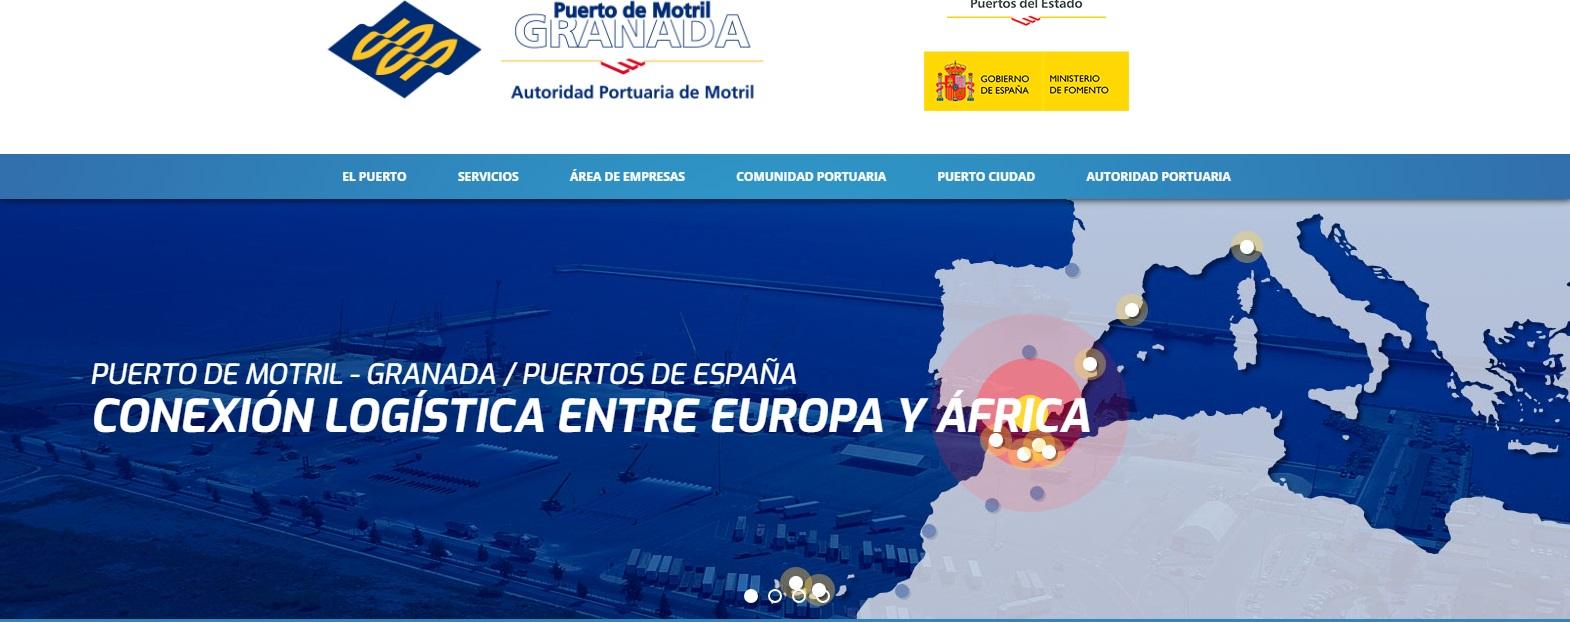 Autoridad Portuaria de Motril En esta página puede encontrar todo lo referente a las actividades Portuarias, empresas concesionarias de sus instalaciones, consignatarios de Aduanas, últimas noticias etc.